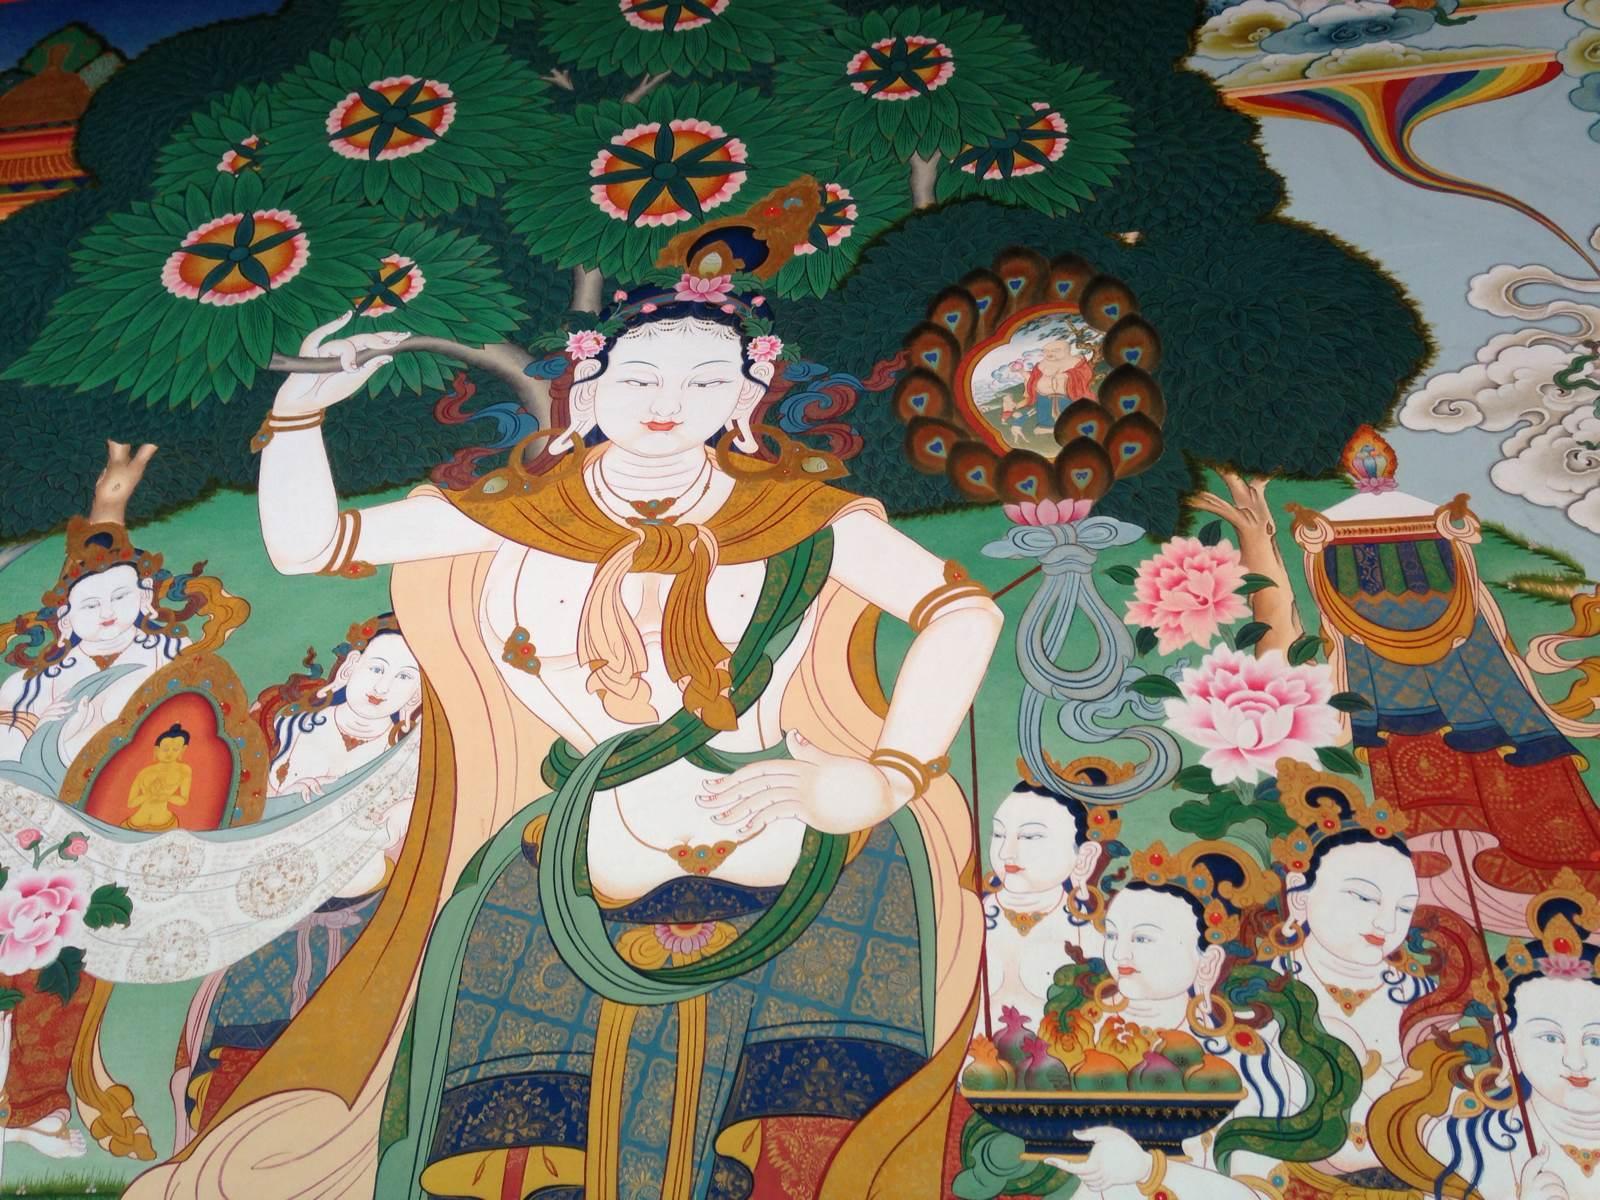 塔尔寺三绝之三:壁画